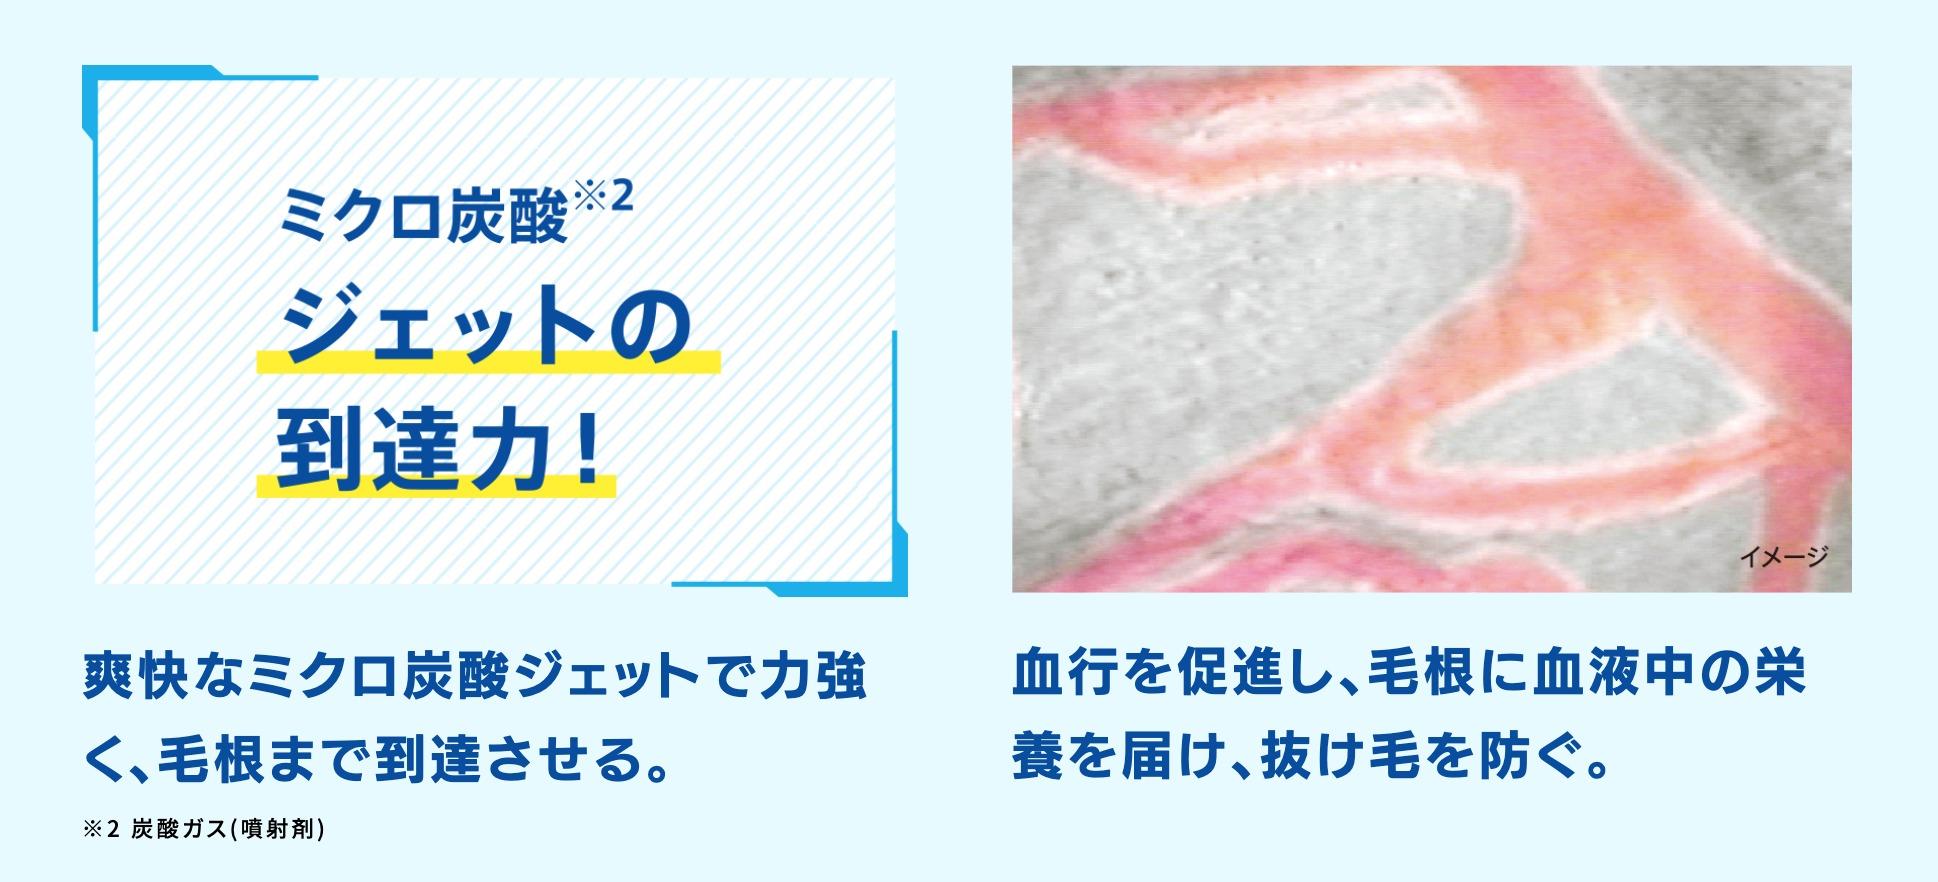 サクセス ミクロ炭酸ジェット